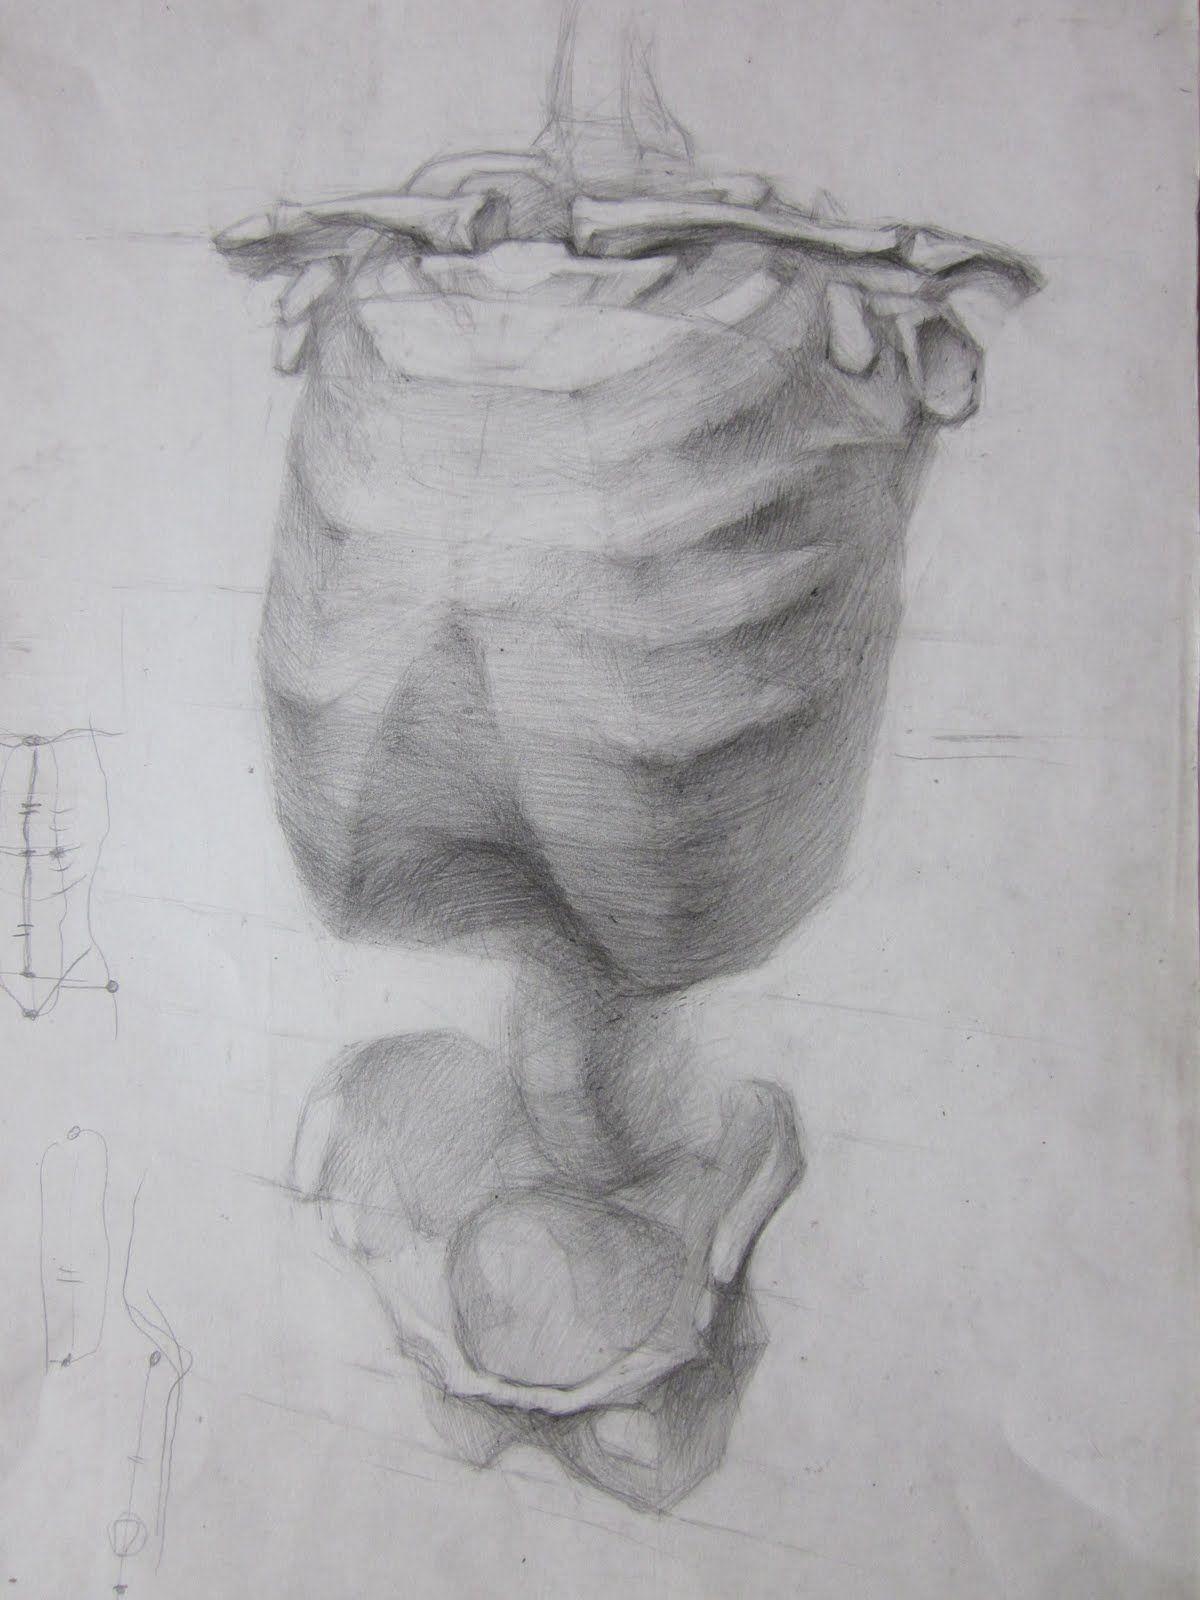 Учебный рисунок: Анатомические рисунки | Анатомия | Pinterest ...